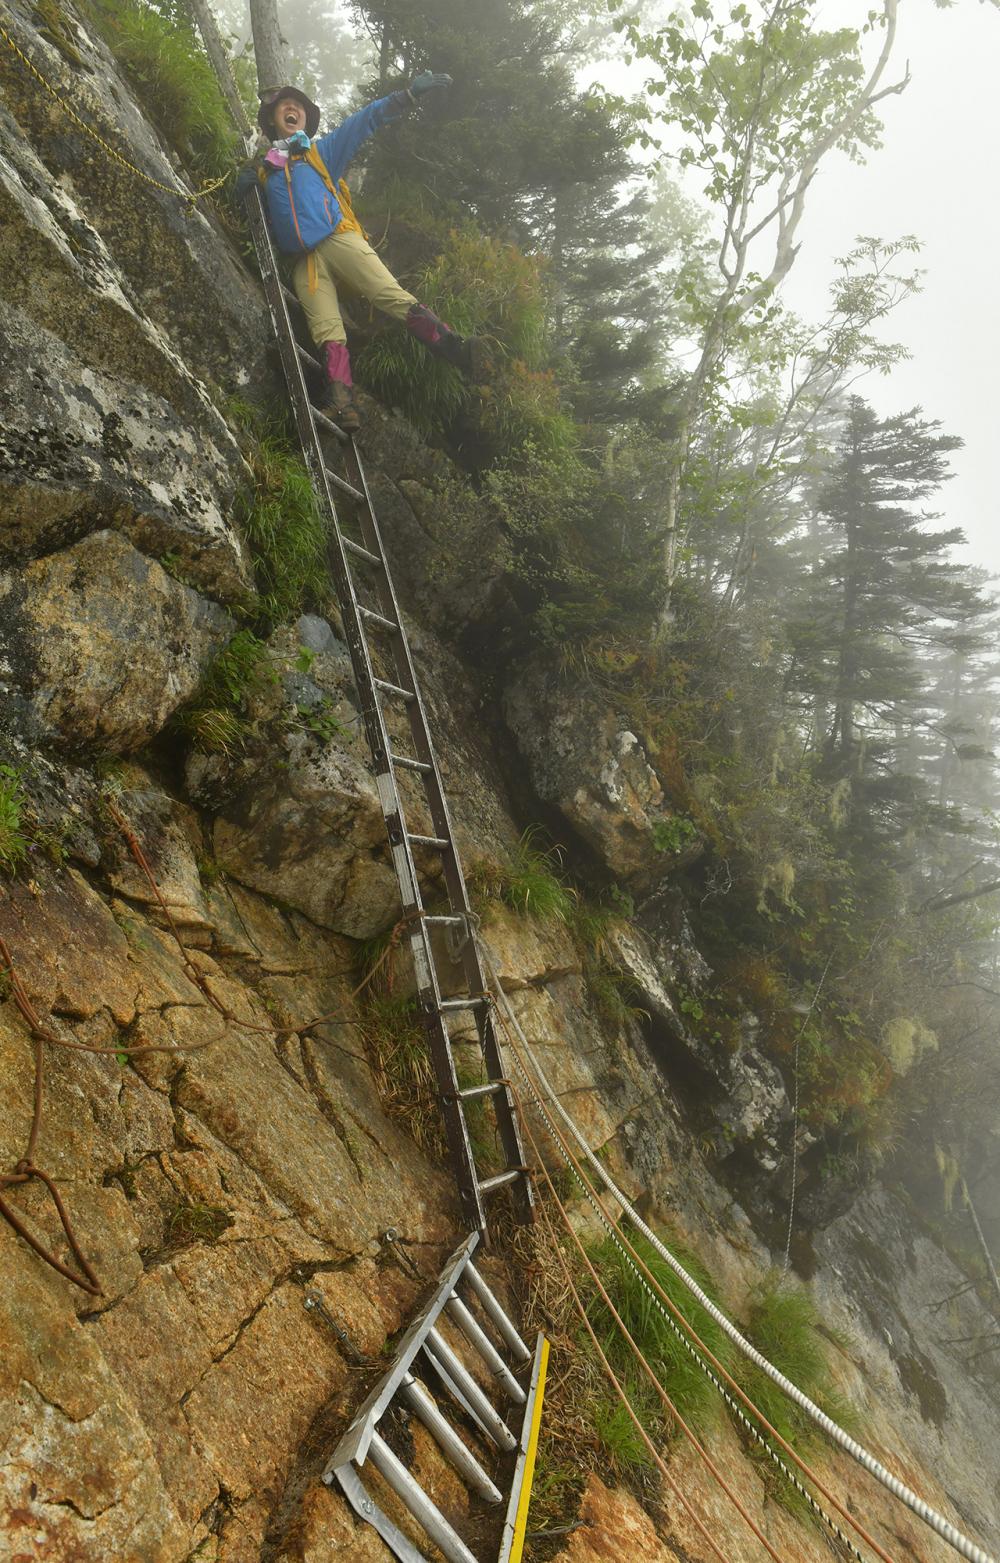 剣山頂上で出初め式の「はしご登り」のような格好をしつつも安全に下山